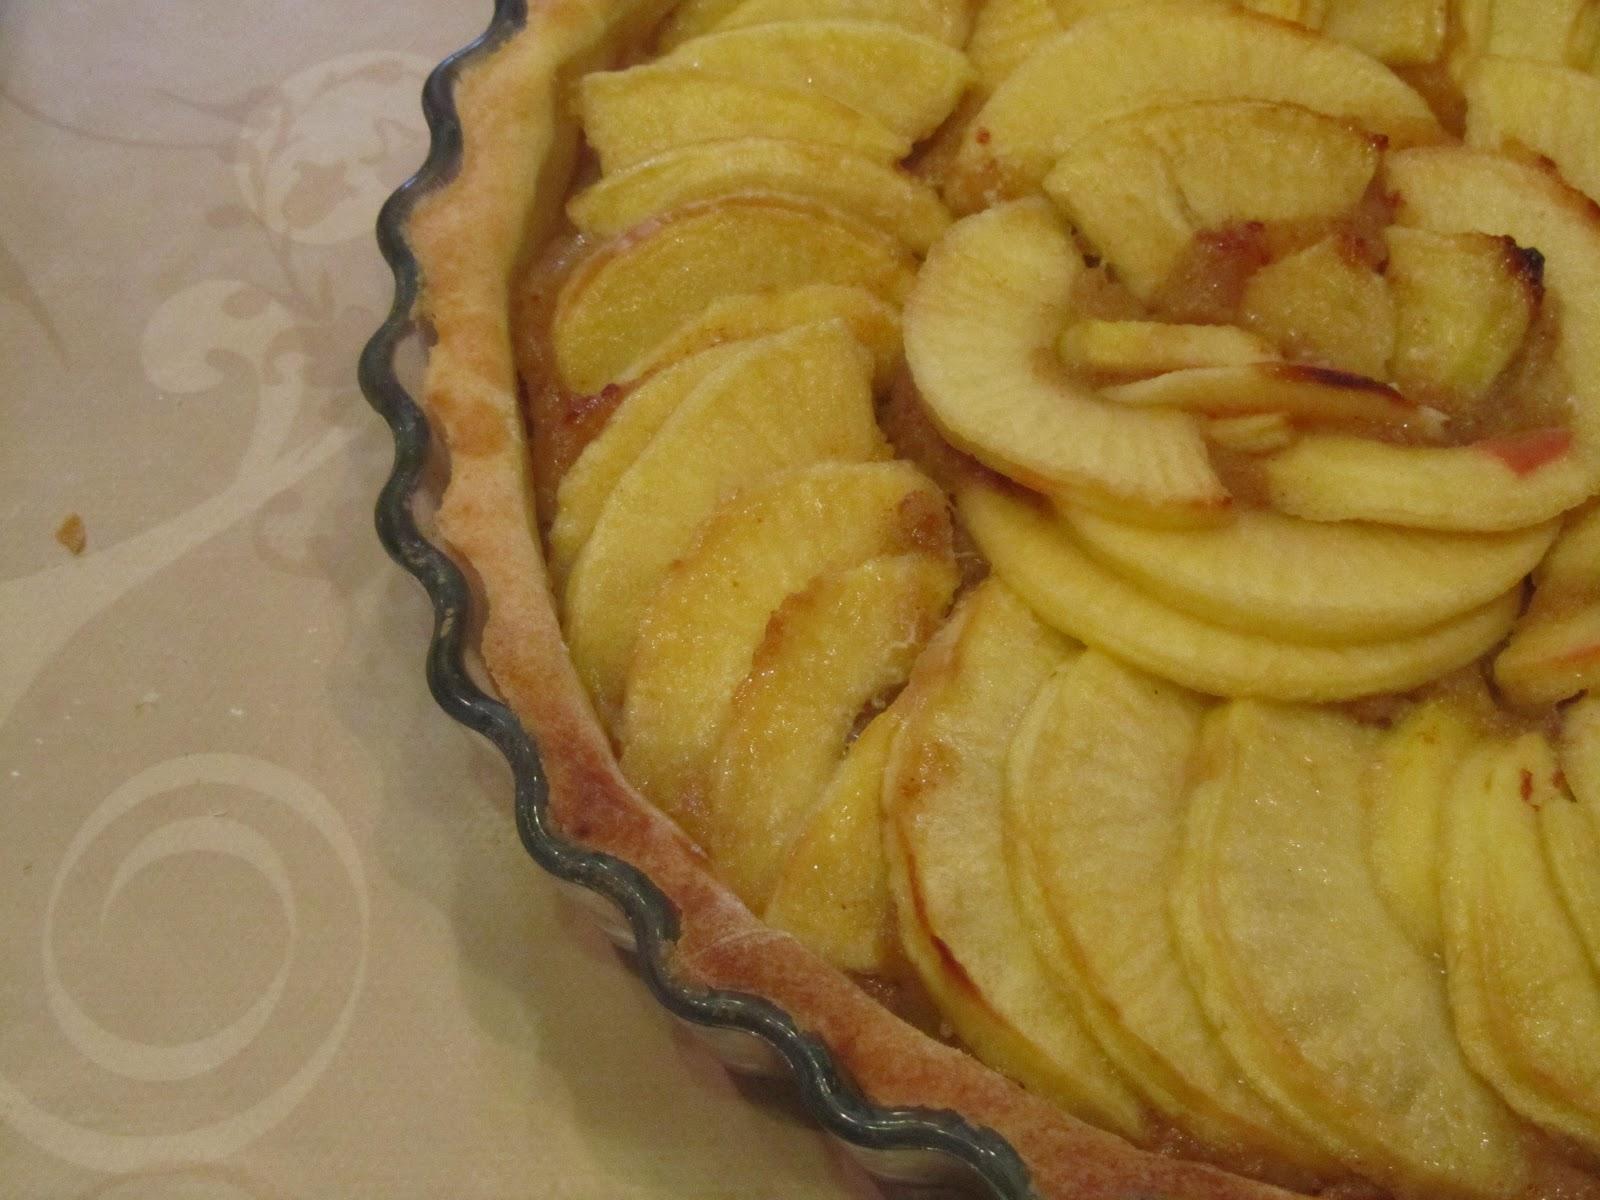 Patatie patatas tarte aux pommes la compote poire - Tarte aux pommes compote maison ...